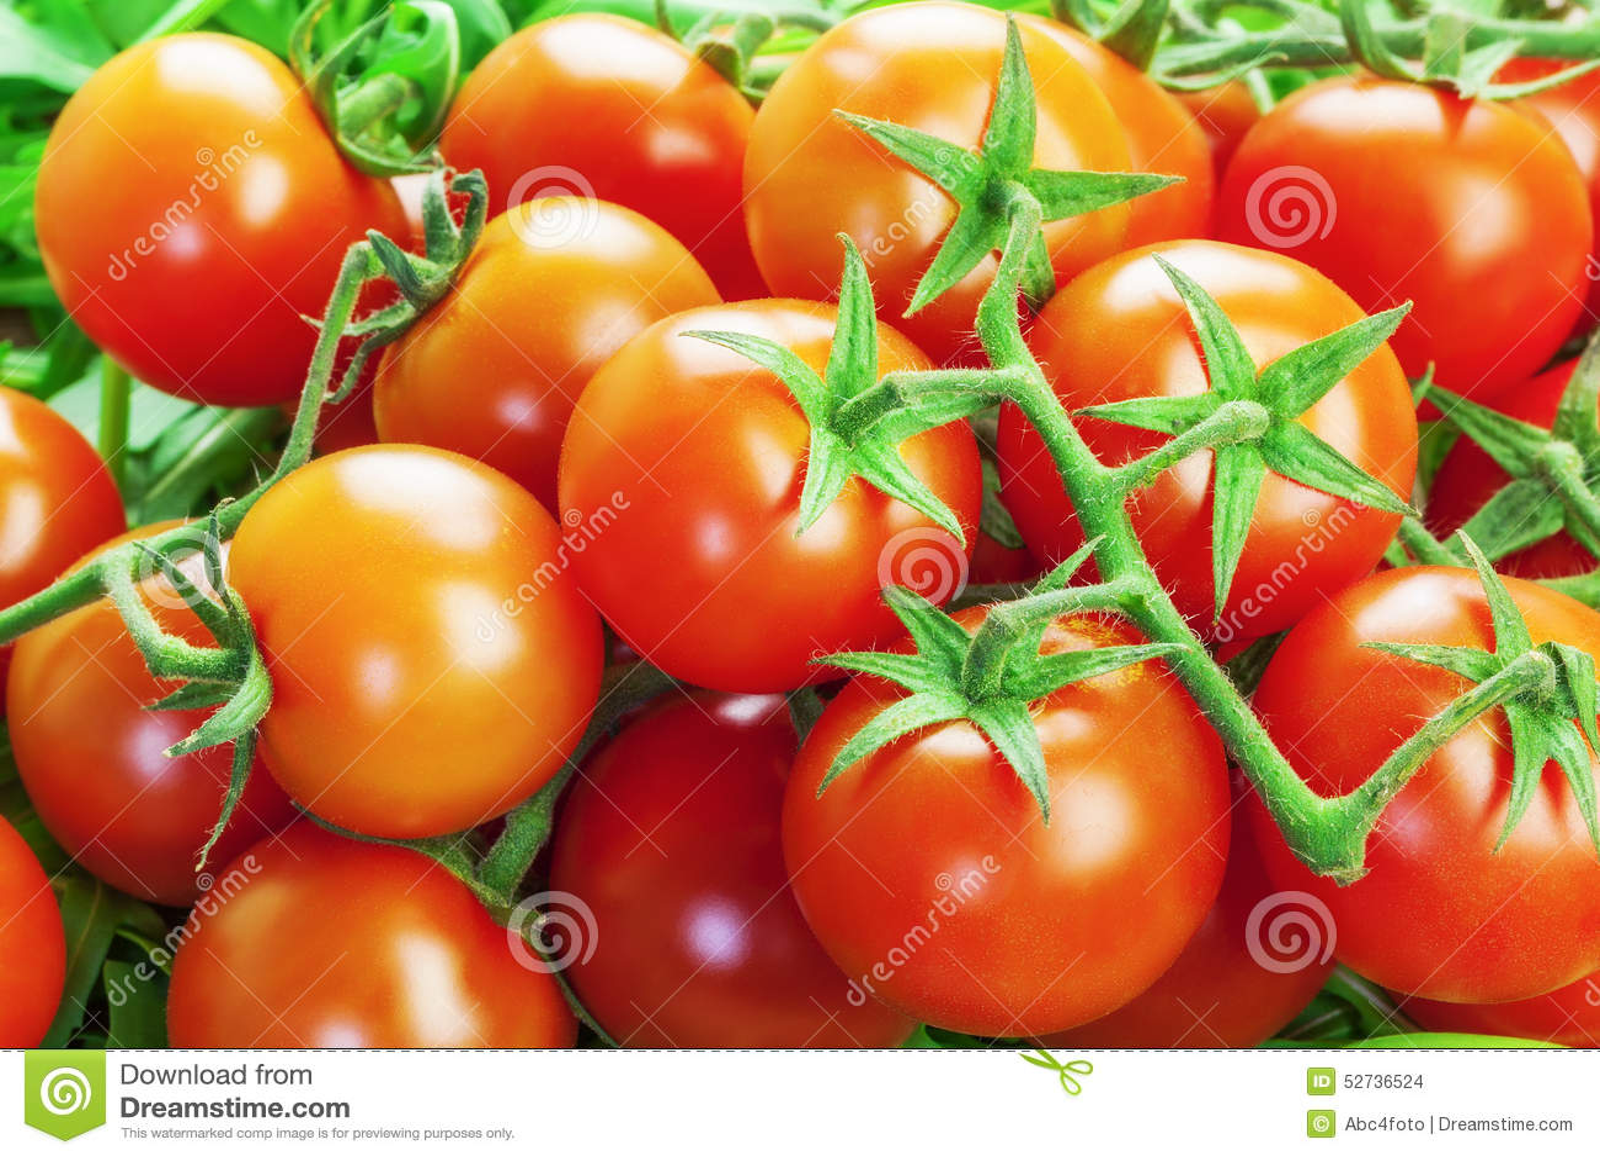 Κόκκινες ντομάτες με τα πράσινα